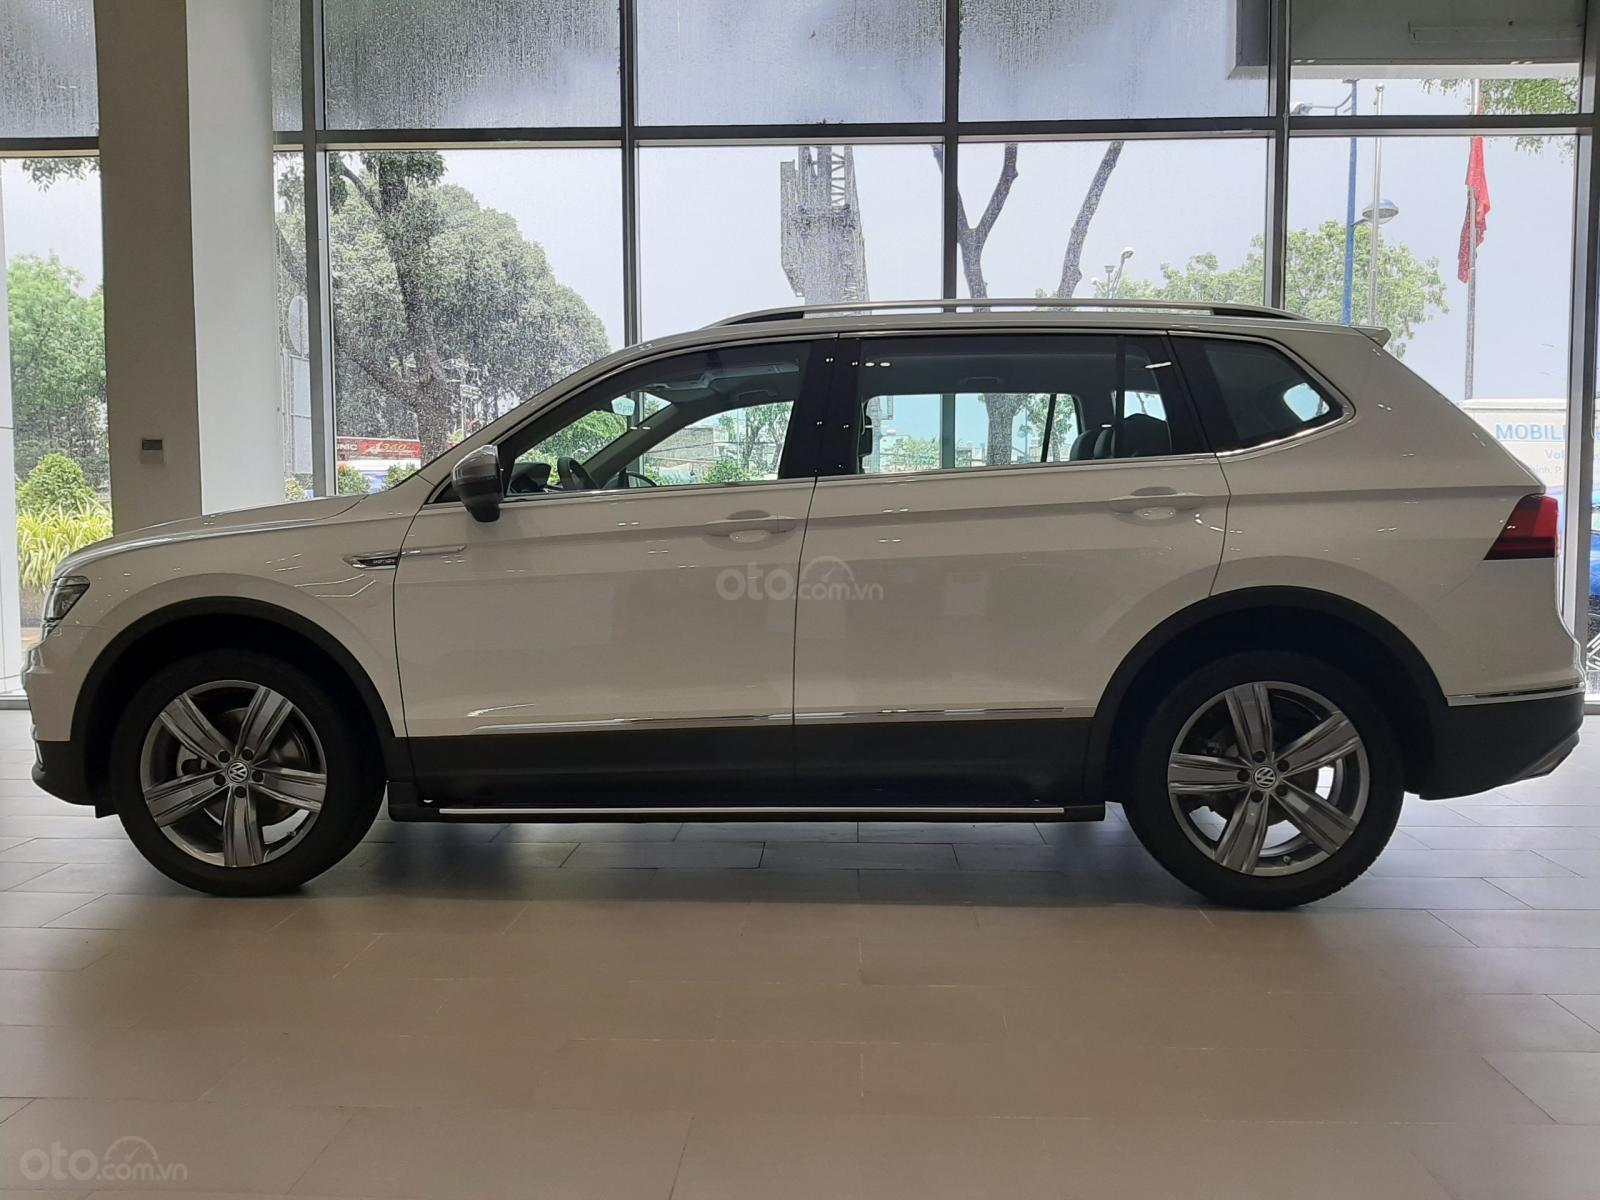 Bán Volkswagen Tiguan trắng ngọc trai 2019 - Hỗ trợ ngân hàng đến 85%-1